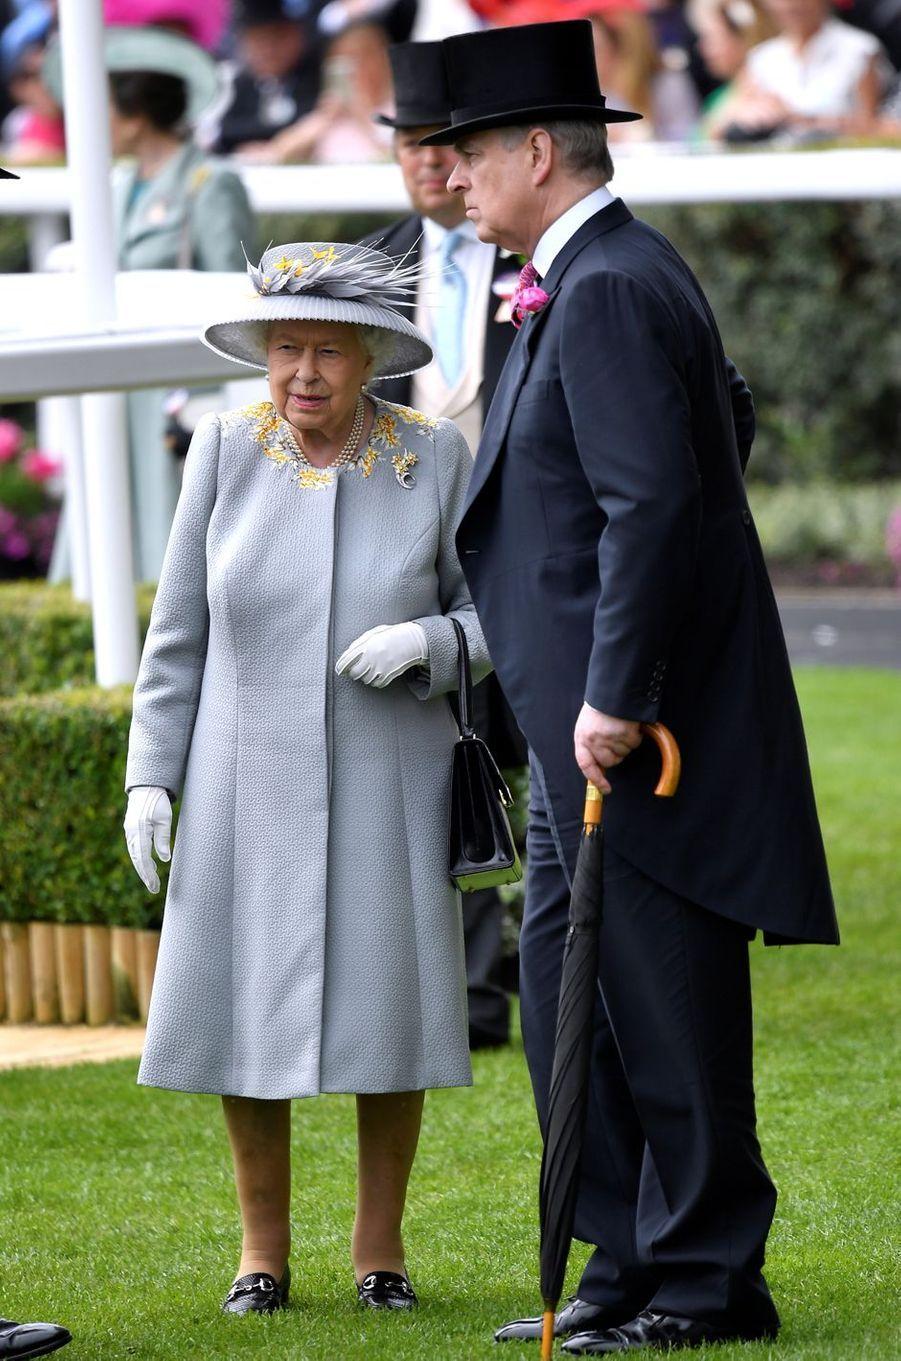 La reine Elizabeth II au Royal Ascot, le 20 juin 2019